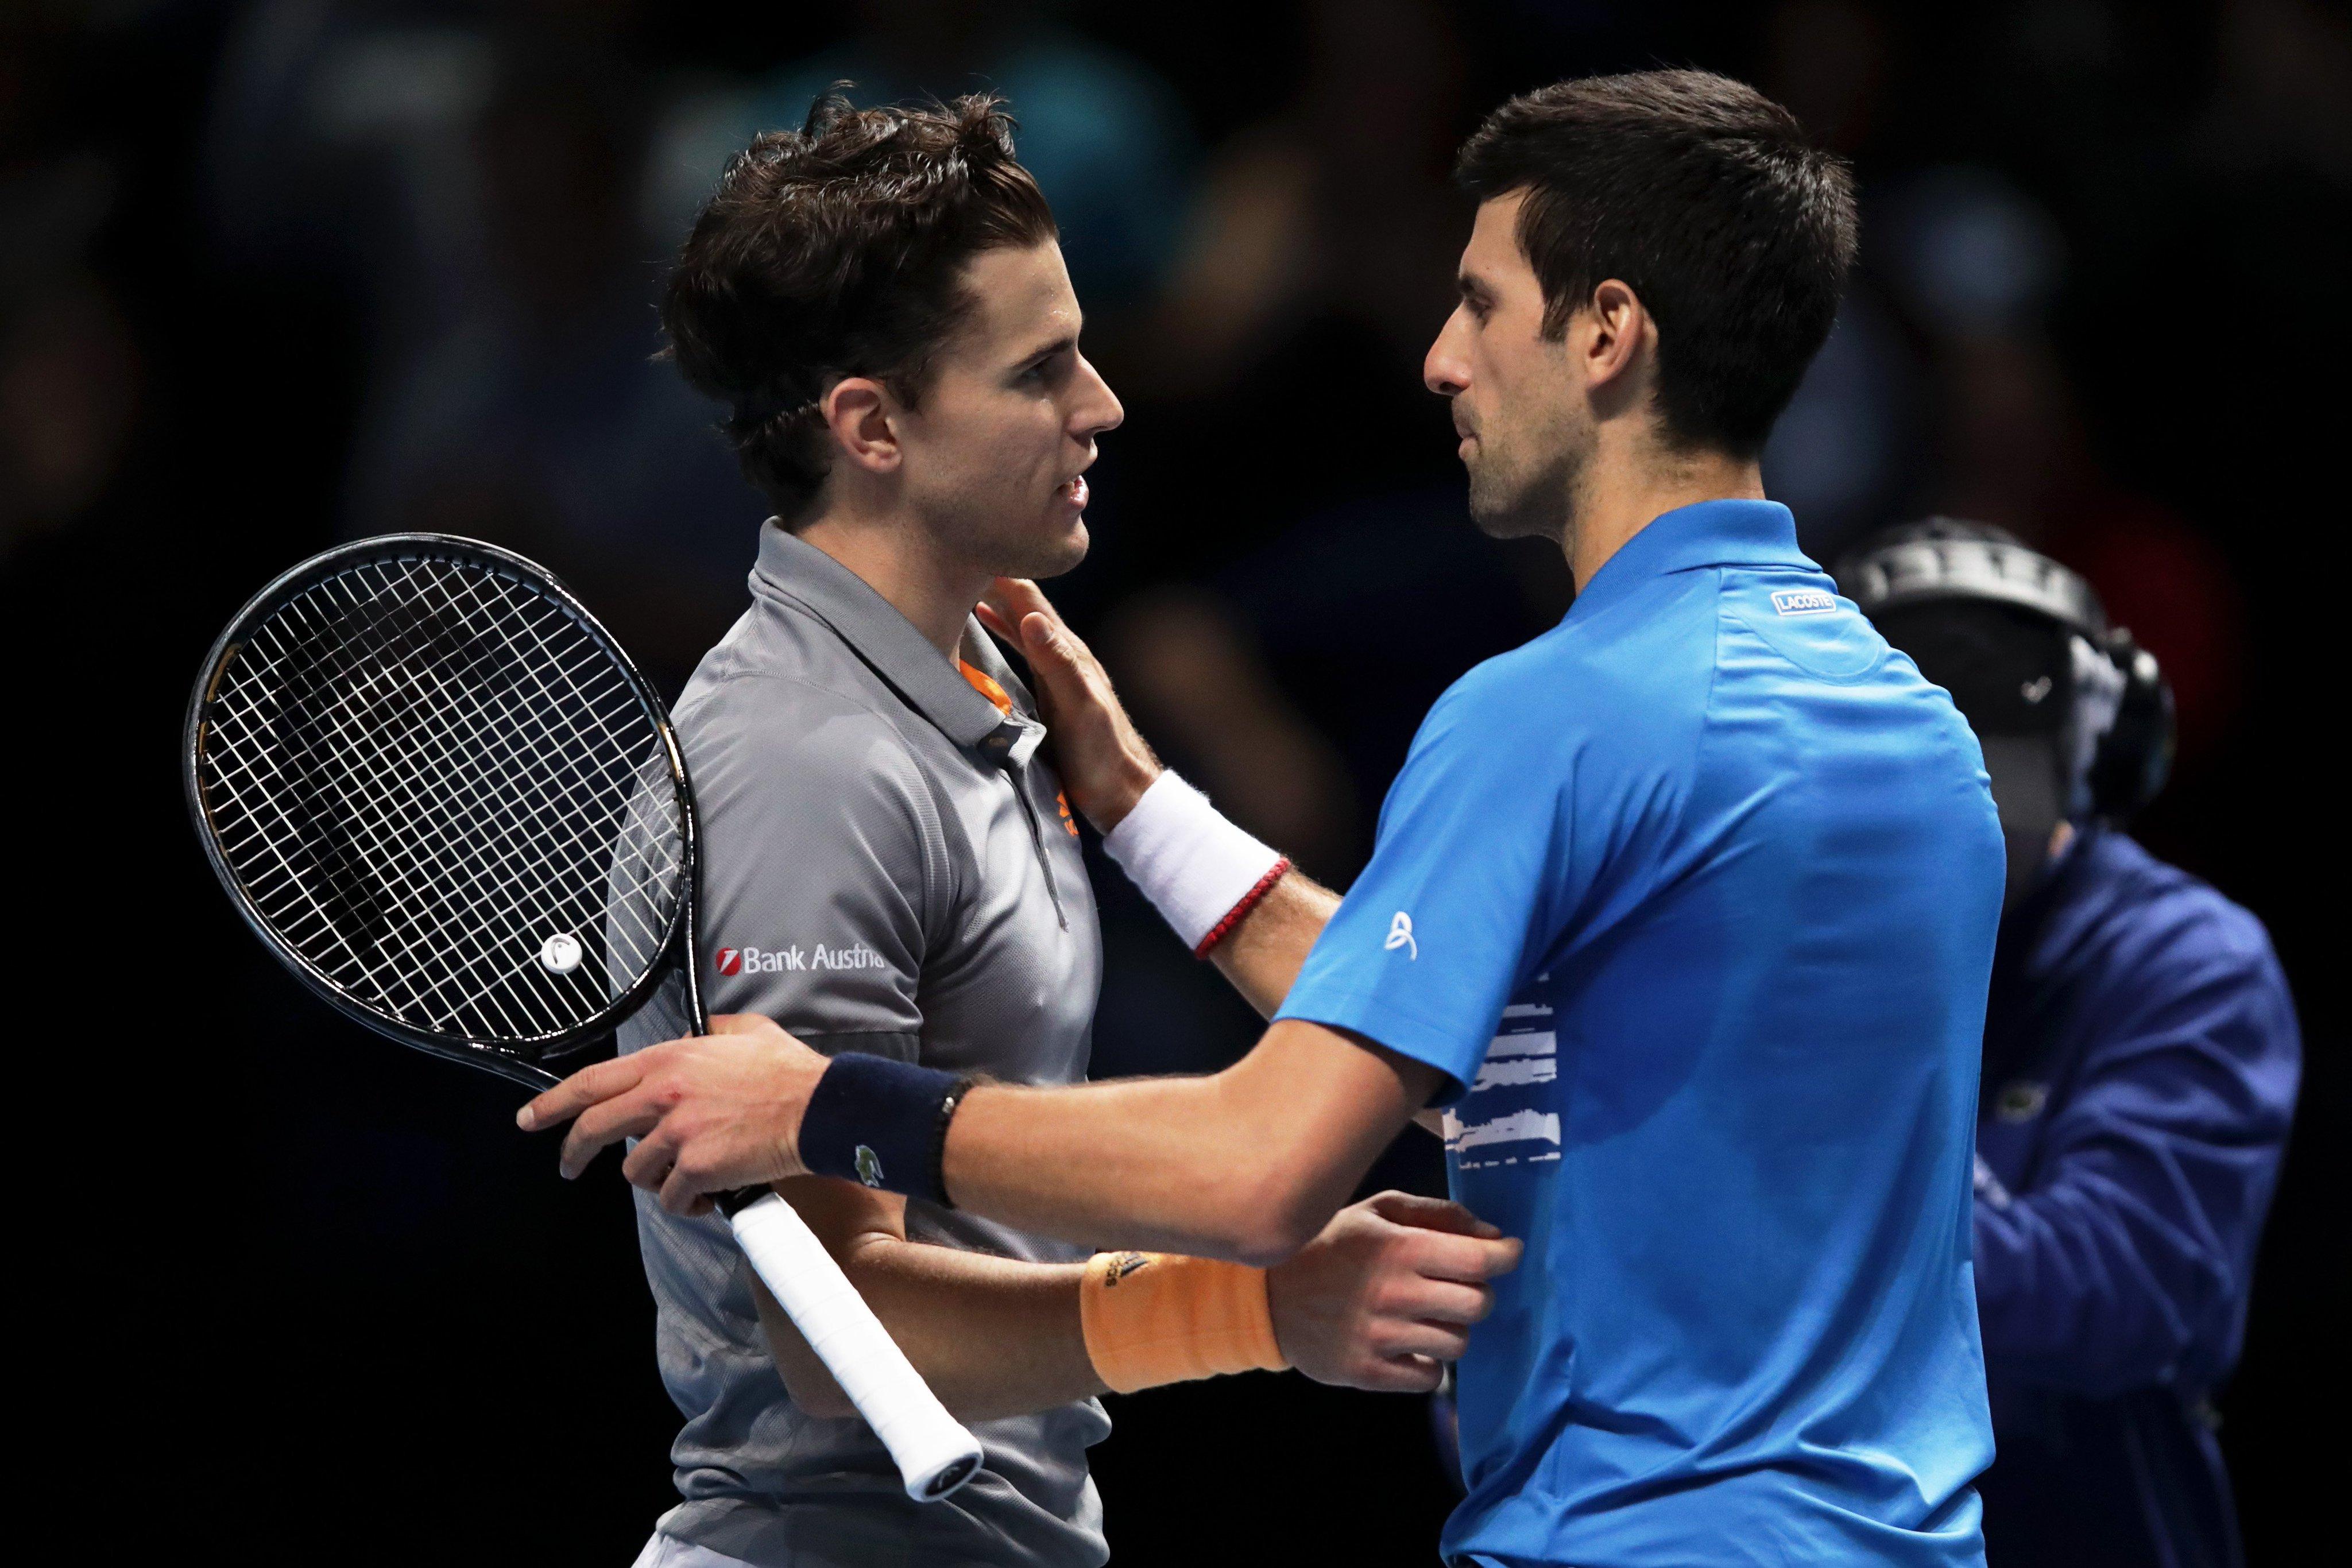 ATP-ամփոփիչ մրցաշար․ Տիմը գերդրամատիկ պայքարում հաղթեց Ջոկովիչին ու նվաճեց կիսաեզրափակչի ուղեգիր